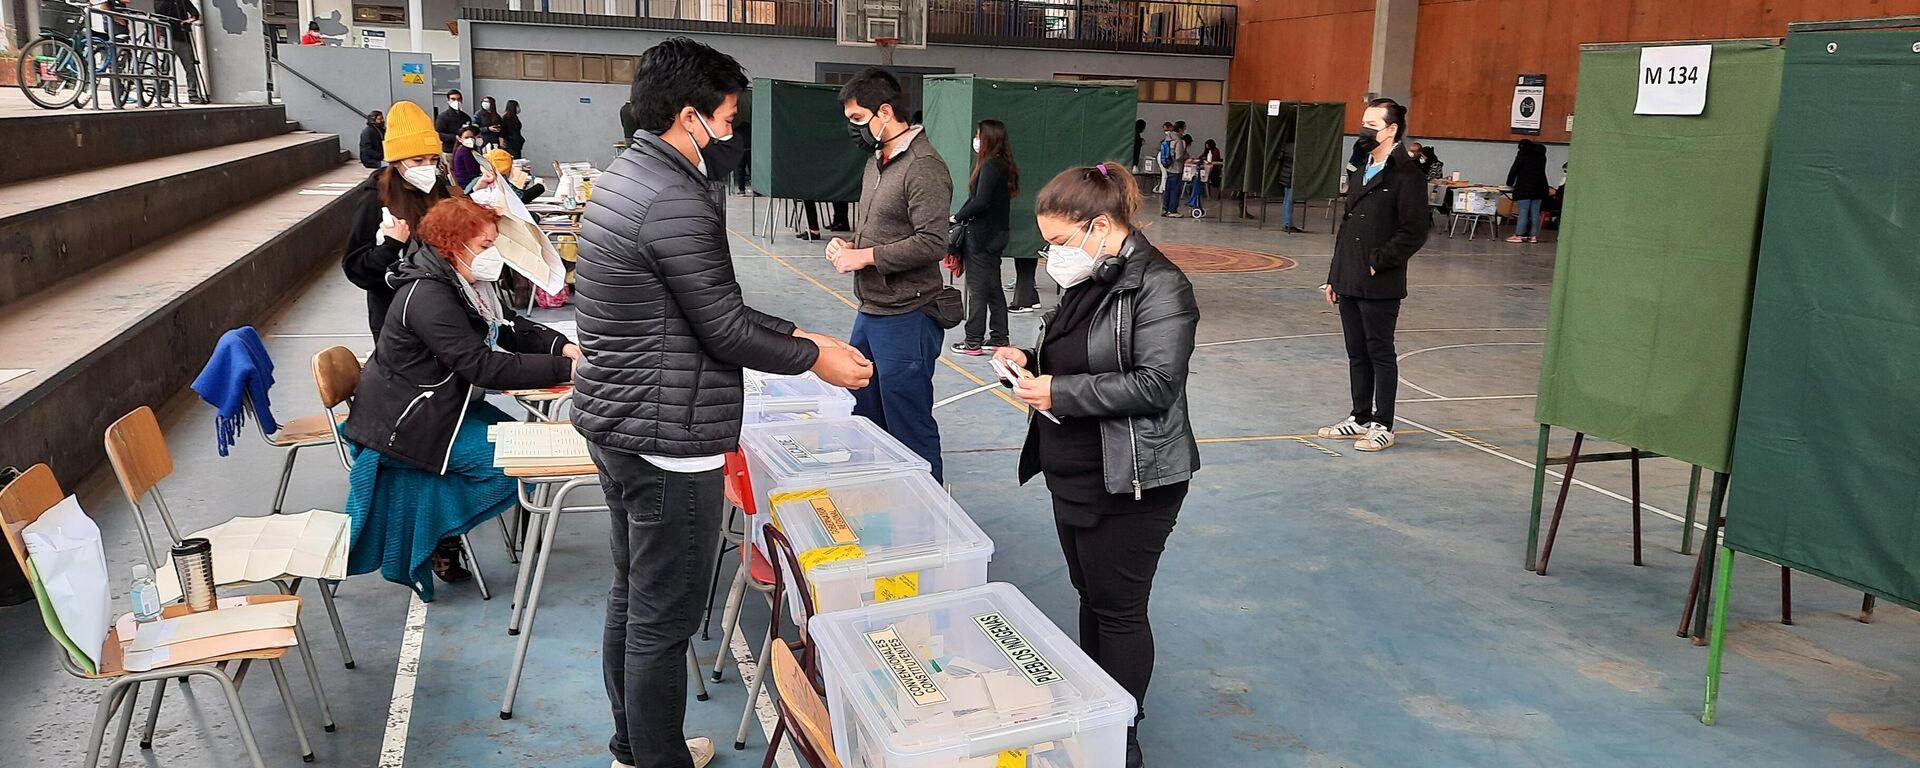 Elecciones en Chile - Sputnik Mundo, 1920, 24.06.2021